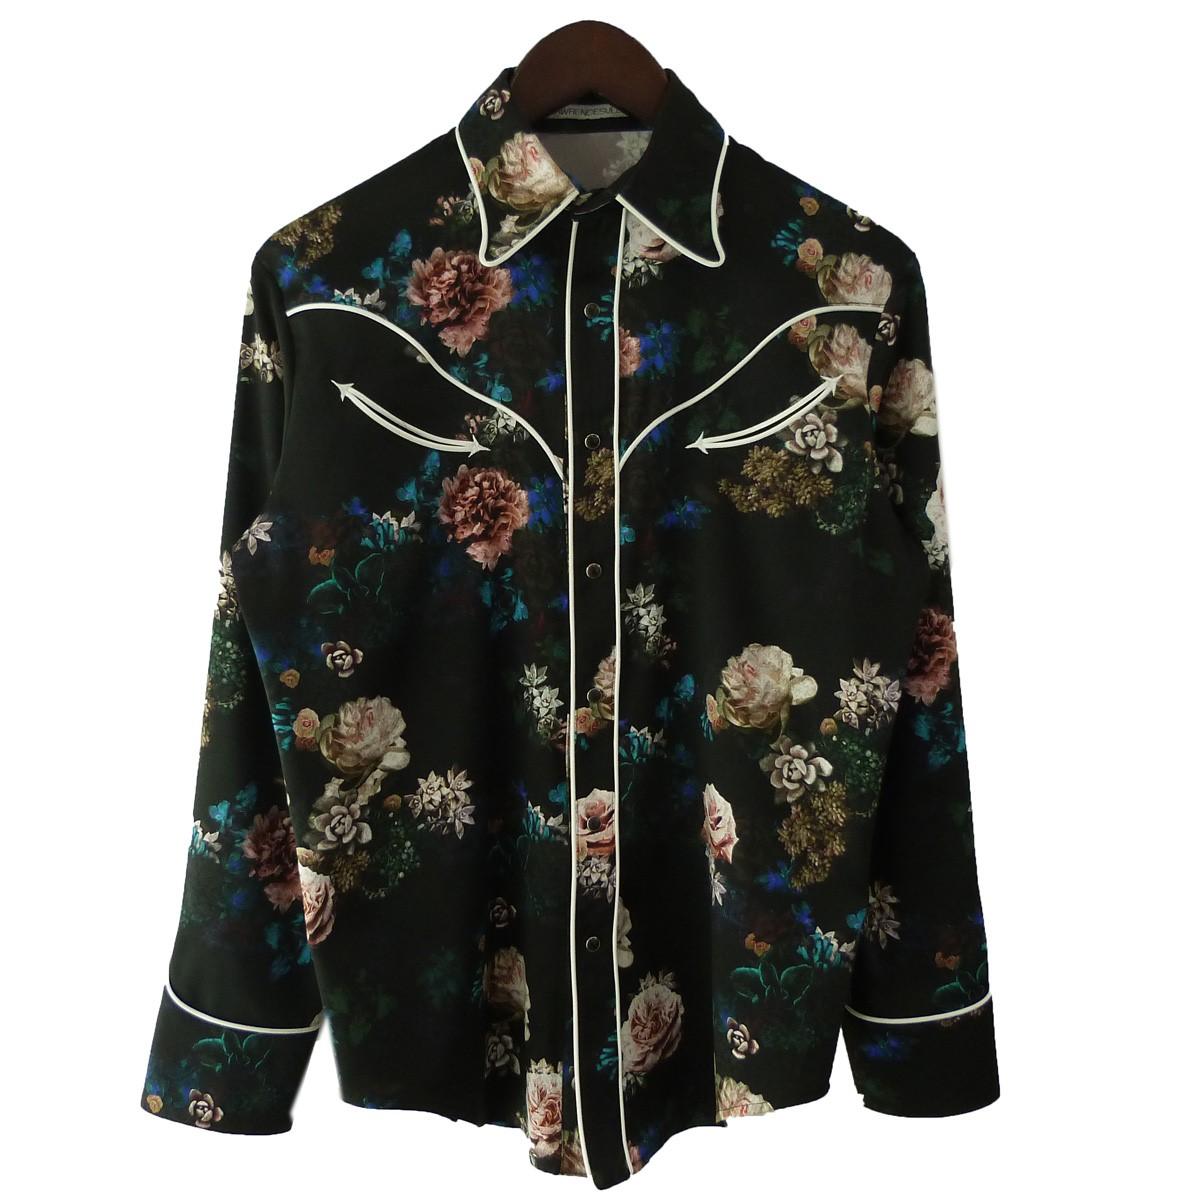 【中古】JOHN LAWRENCE SULLIVAN フラワーカウボーイシャツ ブラック サイズ:S 【170420】(ジョンローレンスサリバン)